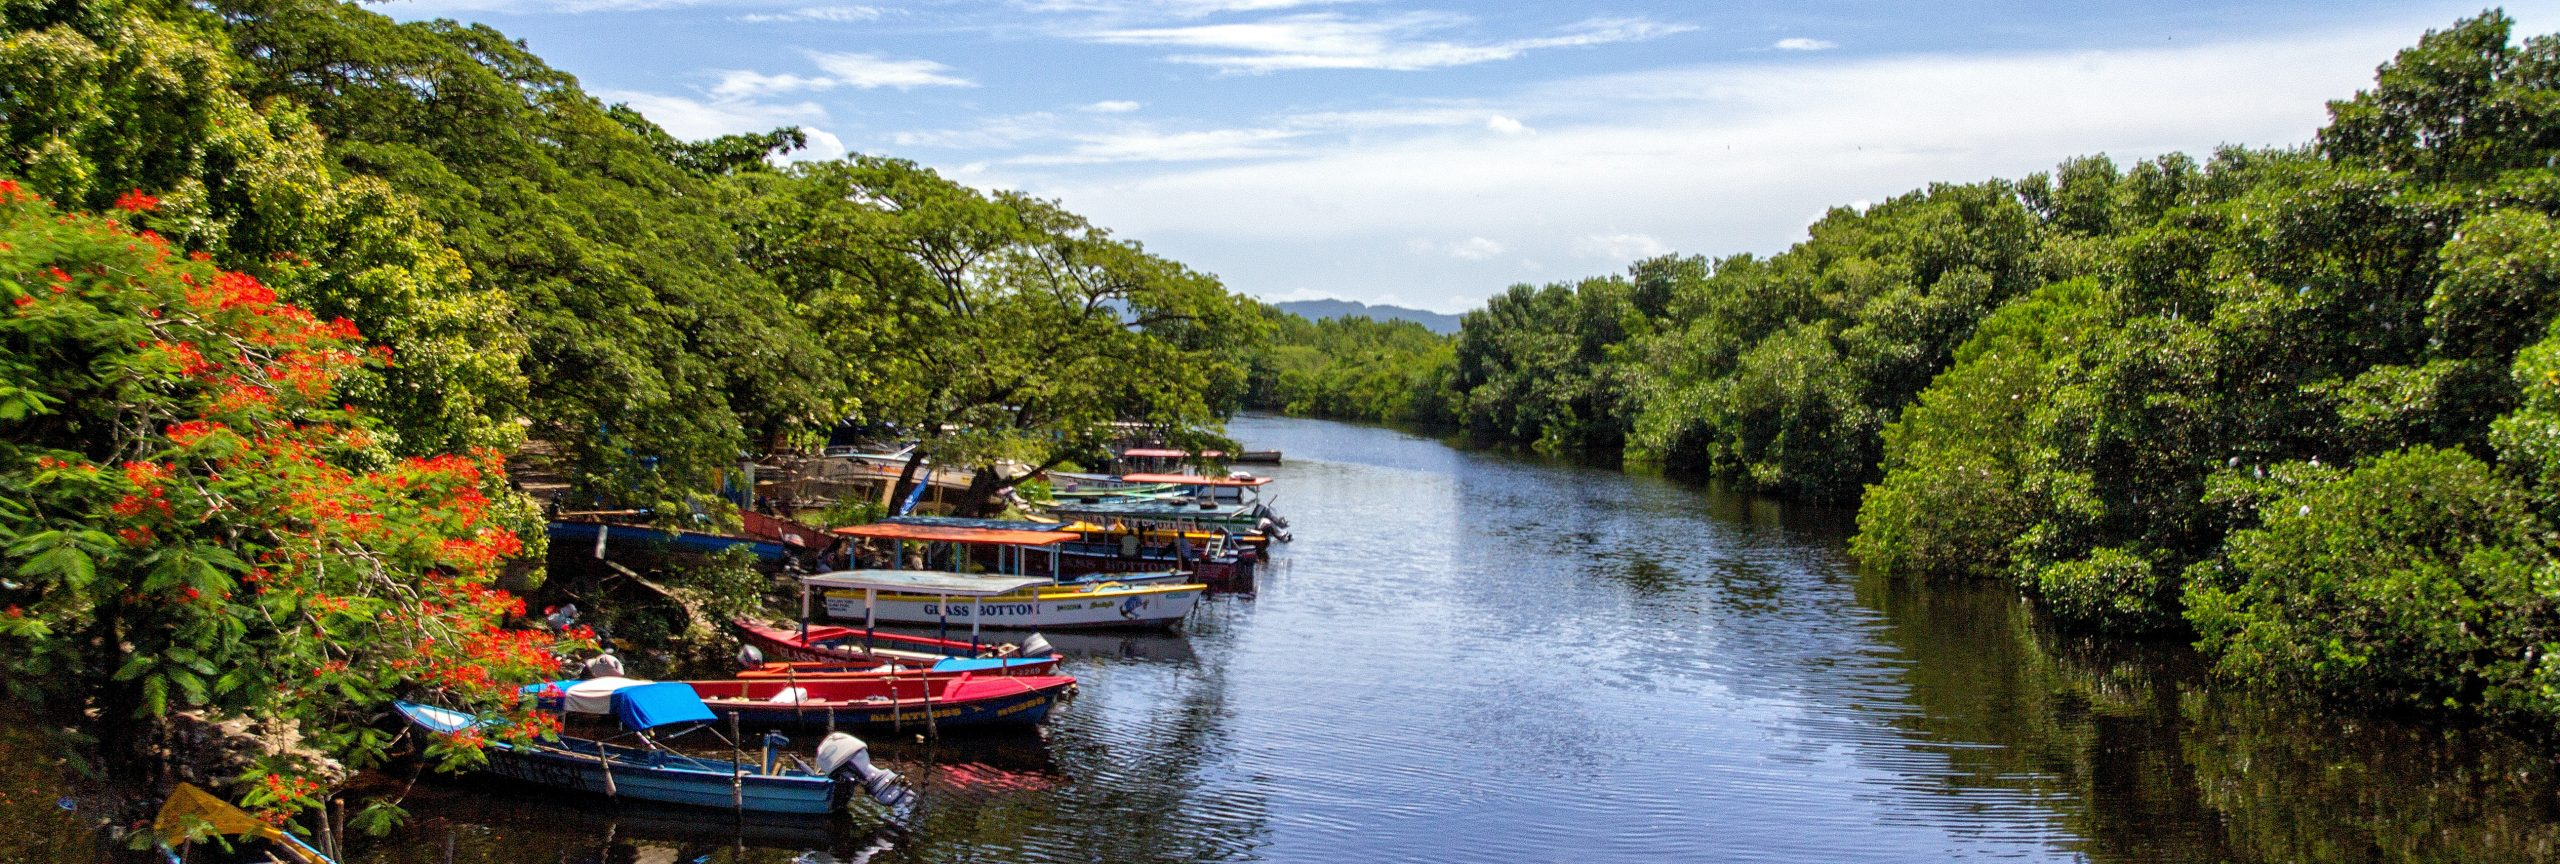 Jamaica visserboten 1 - De Planeet Reizen